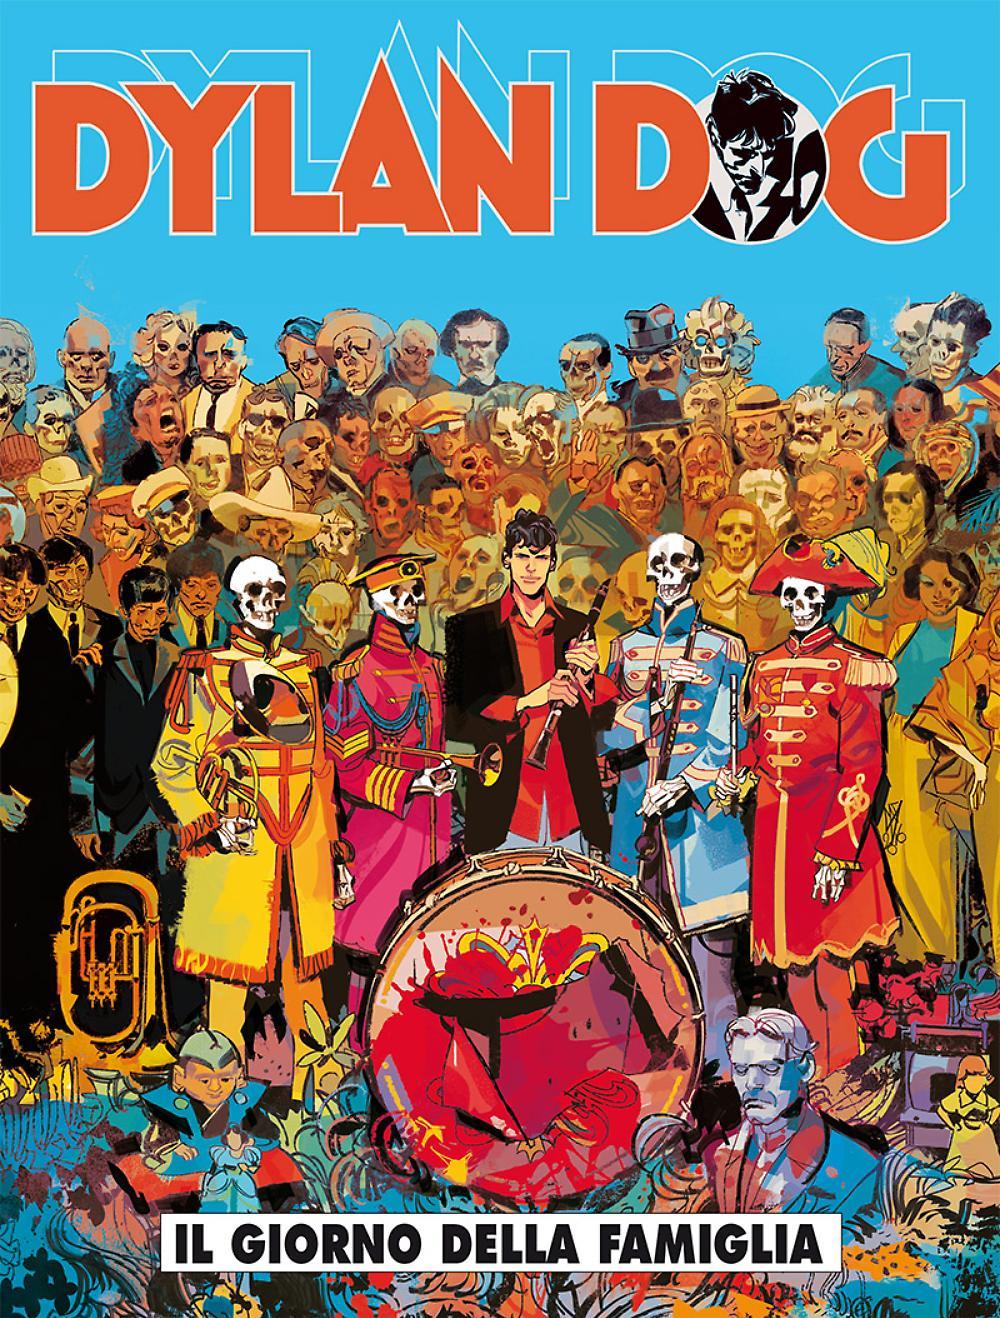 Dylan Dog #366: Il giorno della famiglia (Secchi, Piccioni, Di Vincenzo)